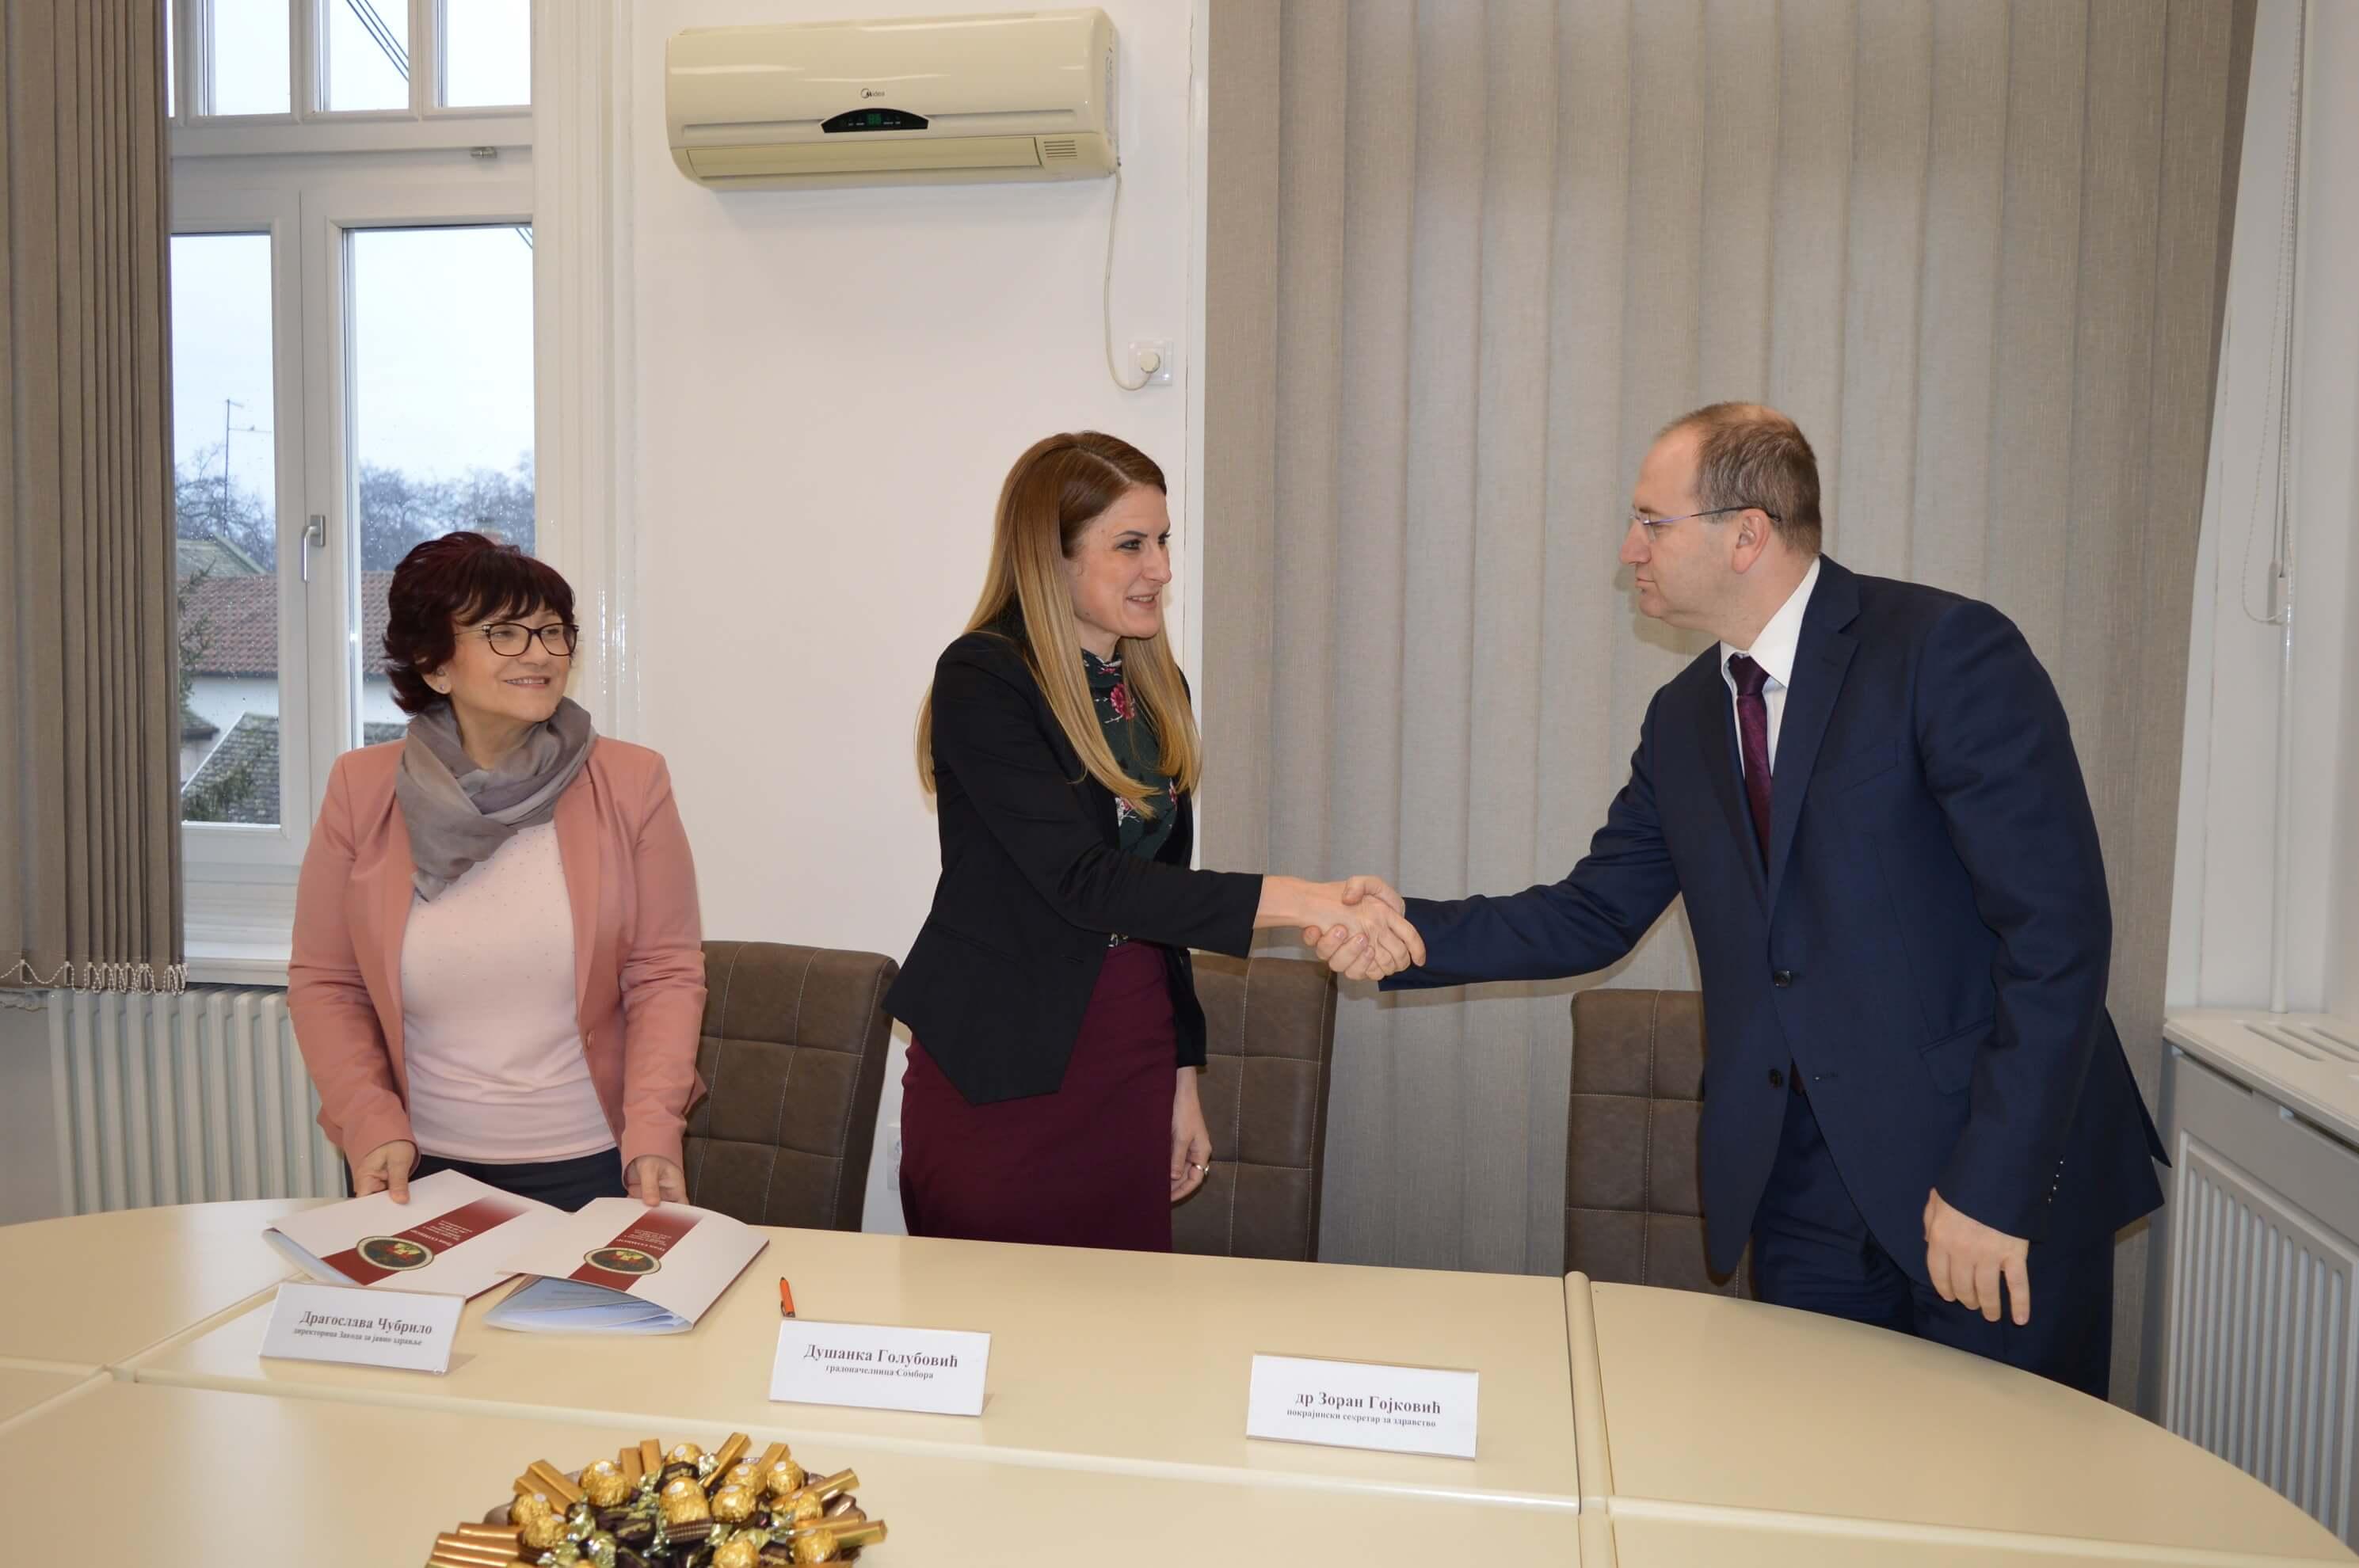 Покрајински секретаријат за здравство уложио је 20 милиона динара у реконструкцију Завода за јавно здравље у Сомбору